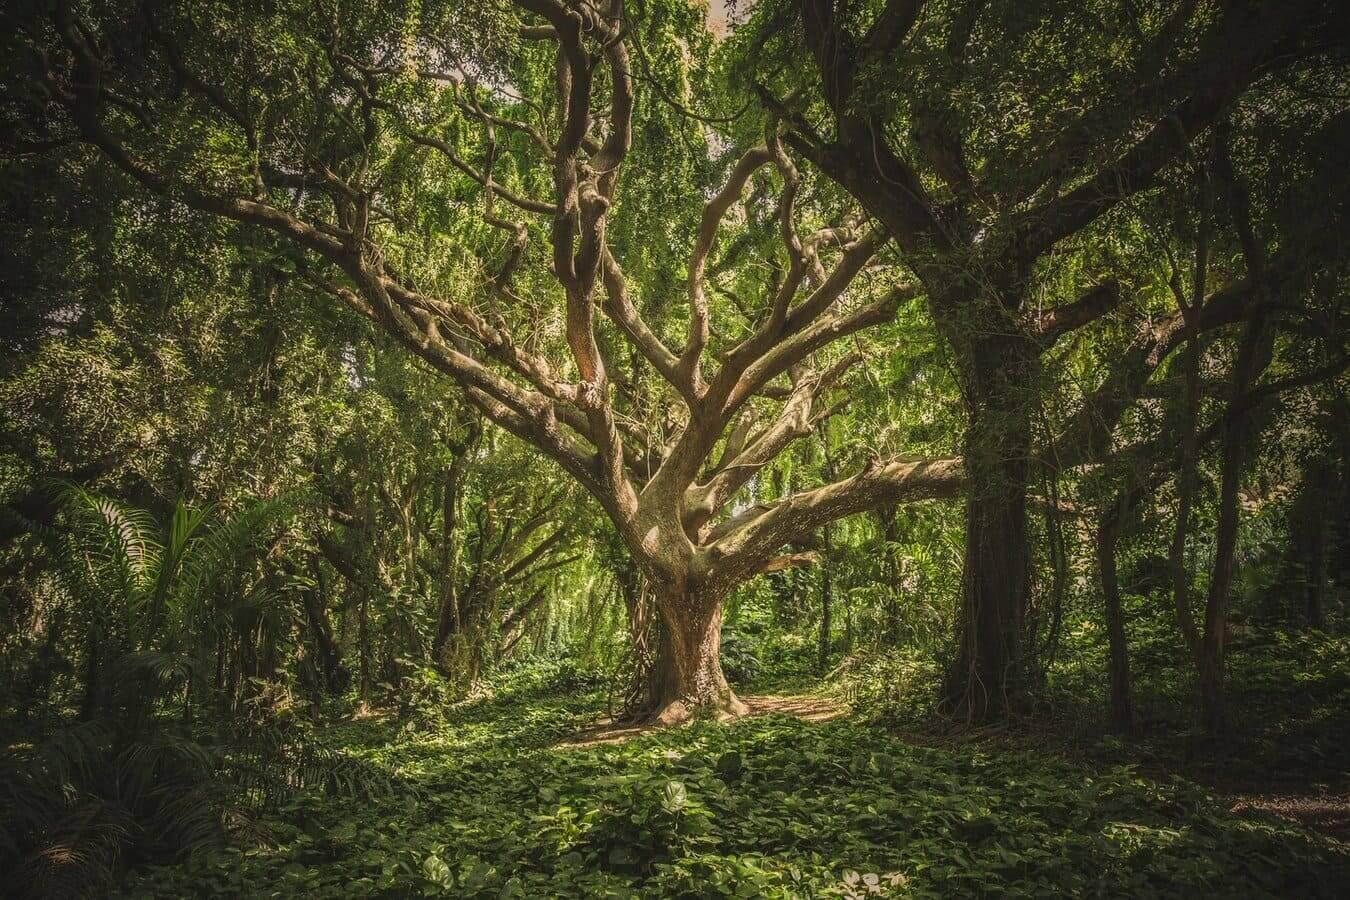 Los sonidos de la naturaleza en el bosque